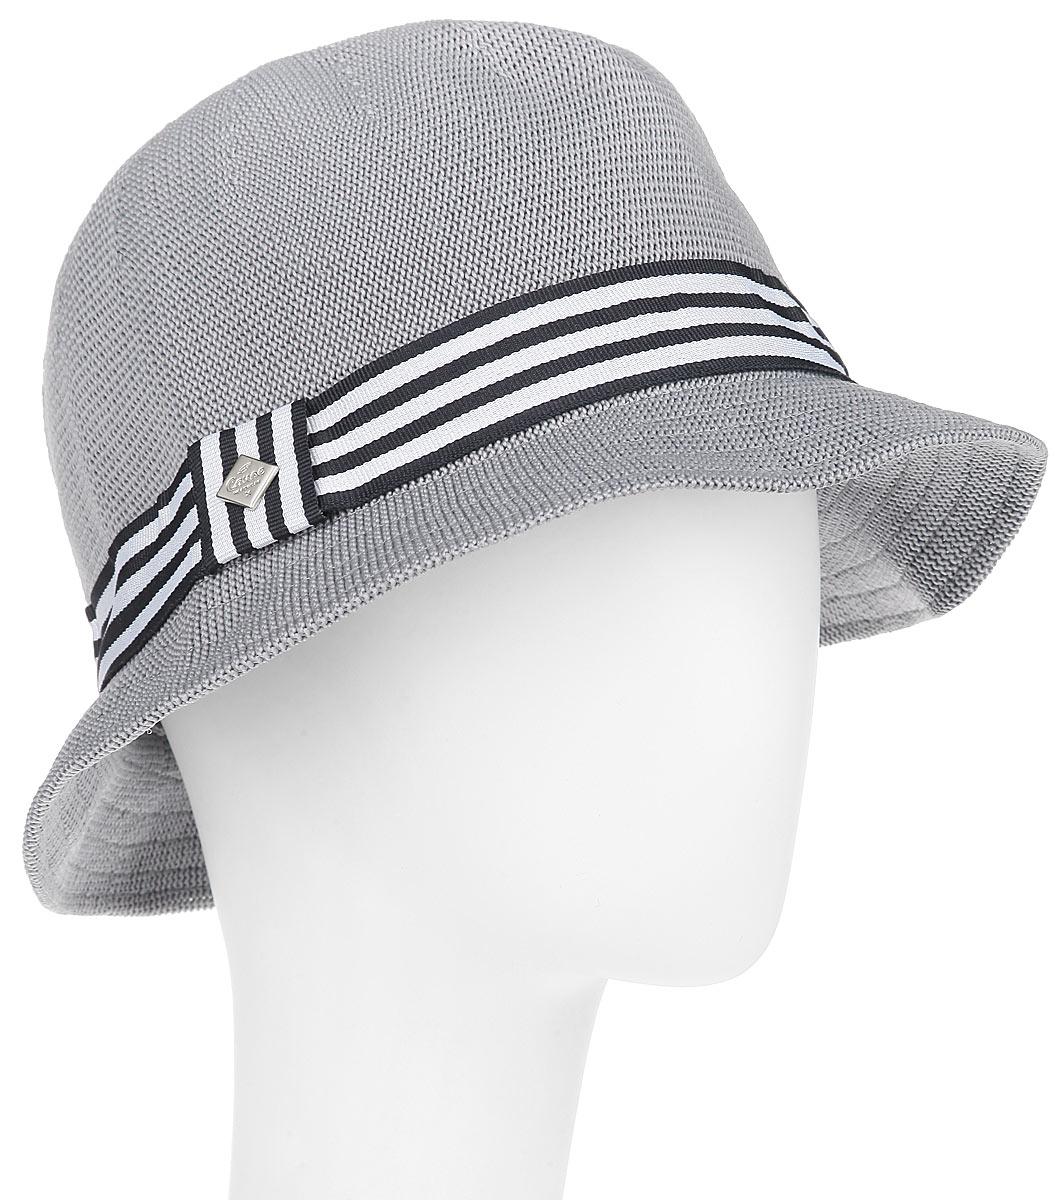 Шляпа1961217Модная шляпа Canoe Cliver, выполненная из полиэстера и акрила, украсит любой наряд. Шляпа в стиле 30-х годов оформлена полосатой лентой с логотипом фирмы вокруг тульи. Благодаря своей форме, шляпа удобно садится по голове и подойдет к любому стилю. Шляпа легко восстанавливает свою форму после сжатия. Такая шляпка подчеркнет вашу неповторимость и дополнит ваш повседневный образ.